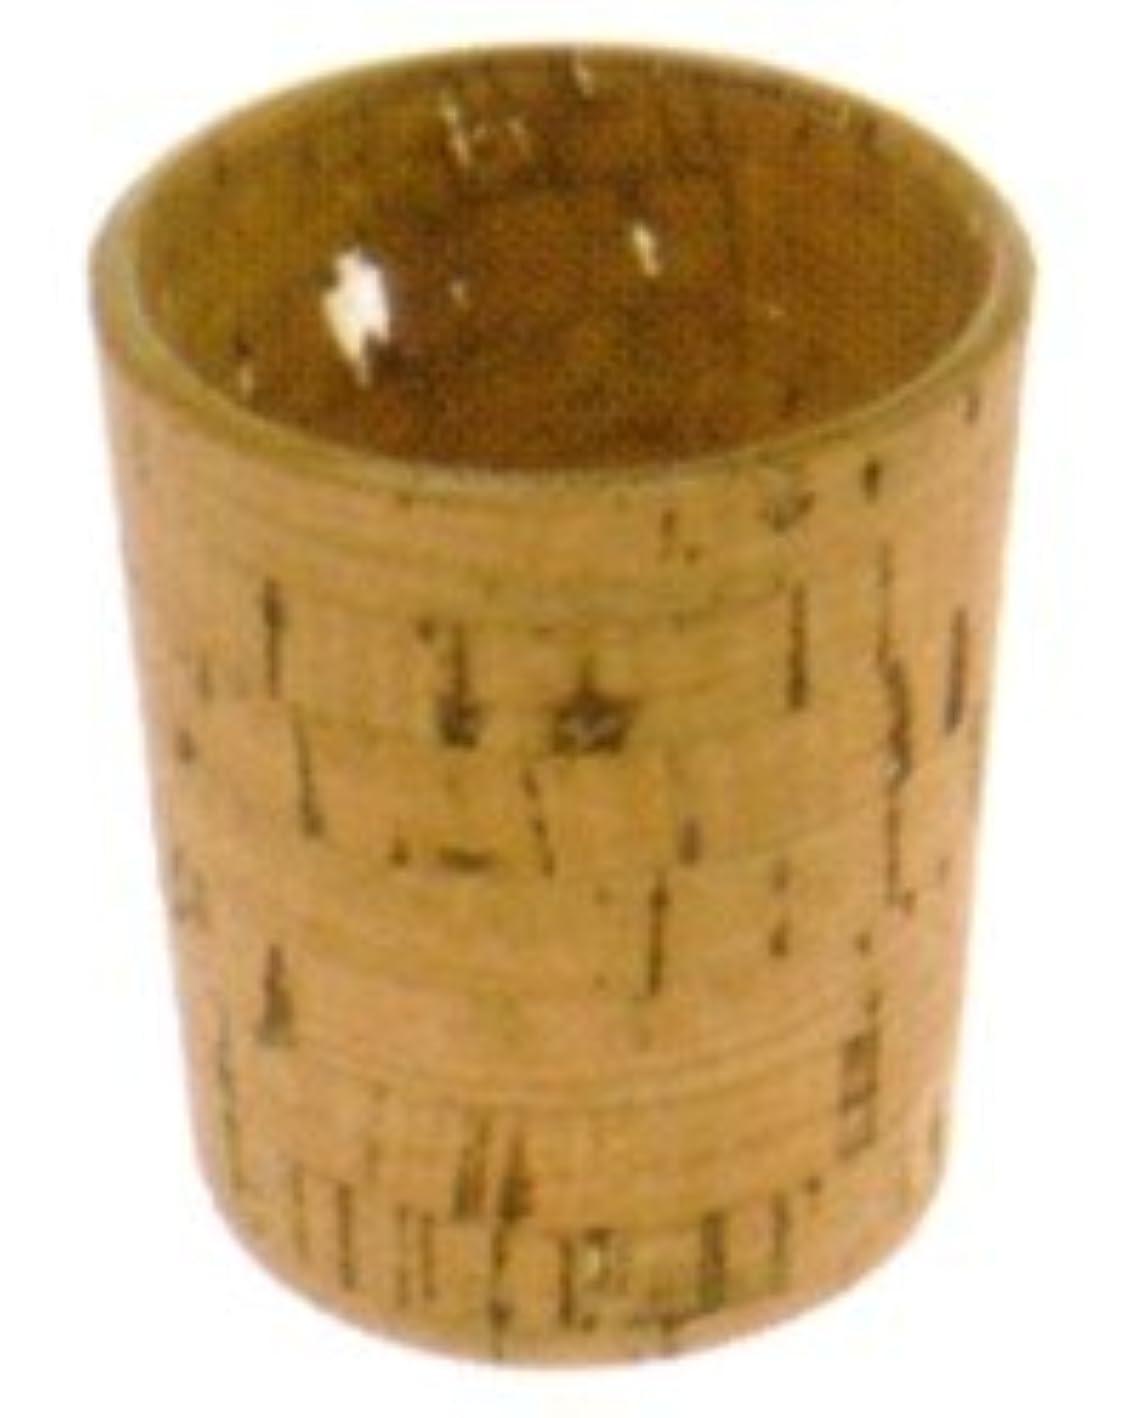 キャンドルホルダー ナチュラルウッド cork